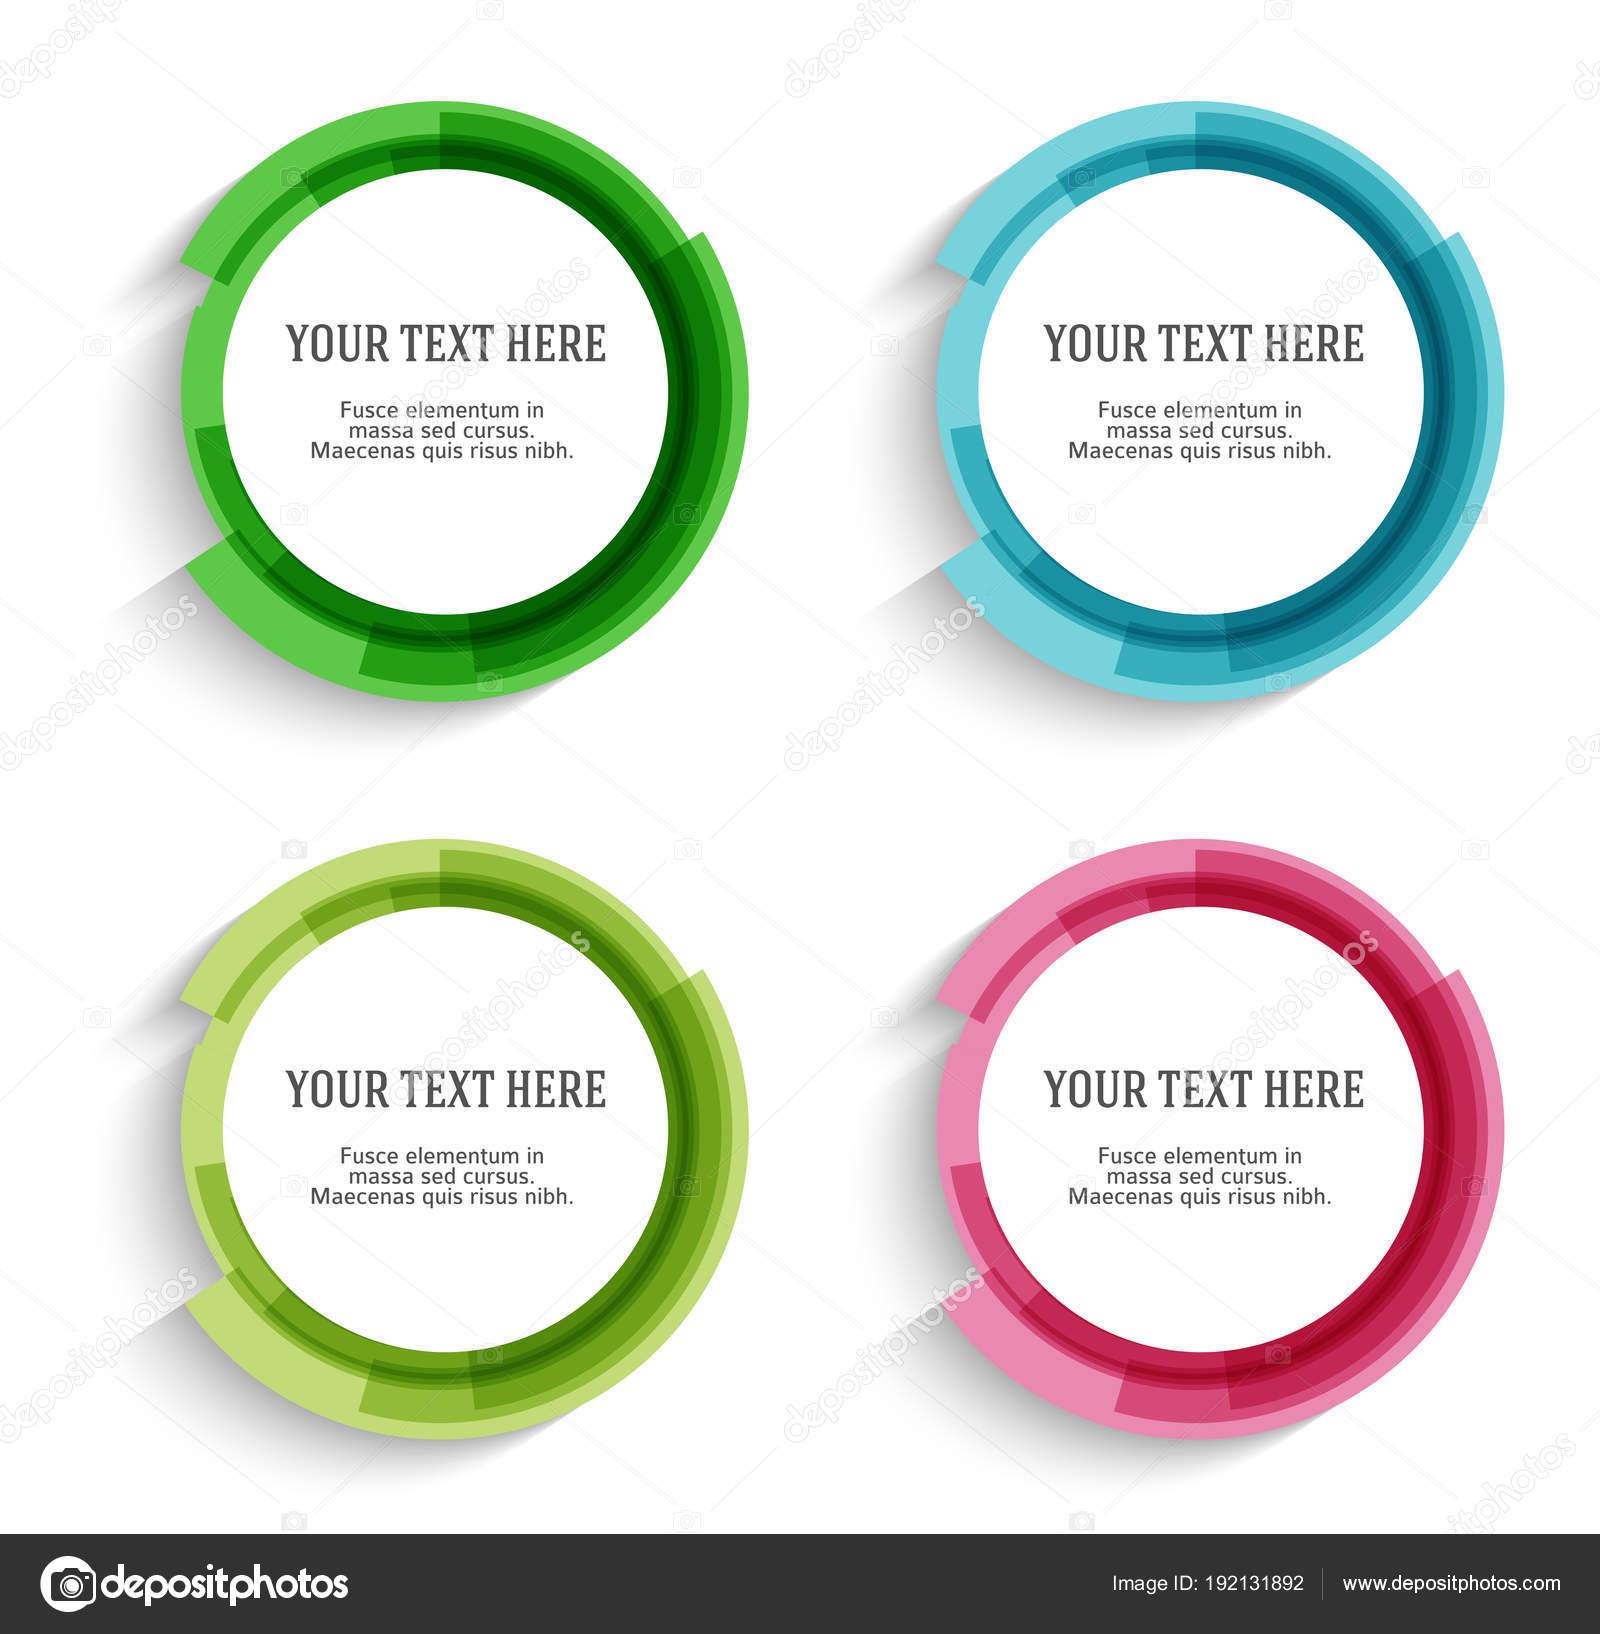 Legen Sie Label leere Vorlage verschwommen Farbskalen Kreis ring02 ...